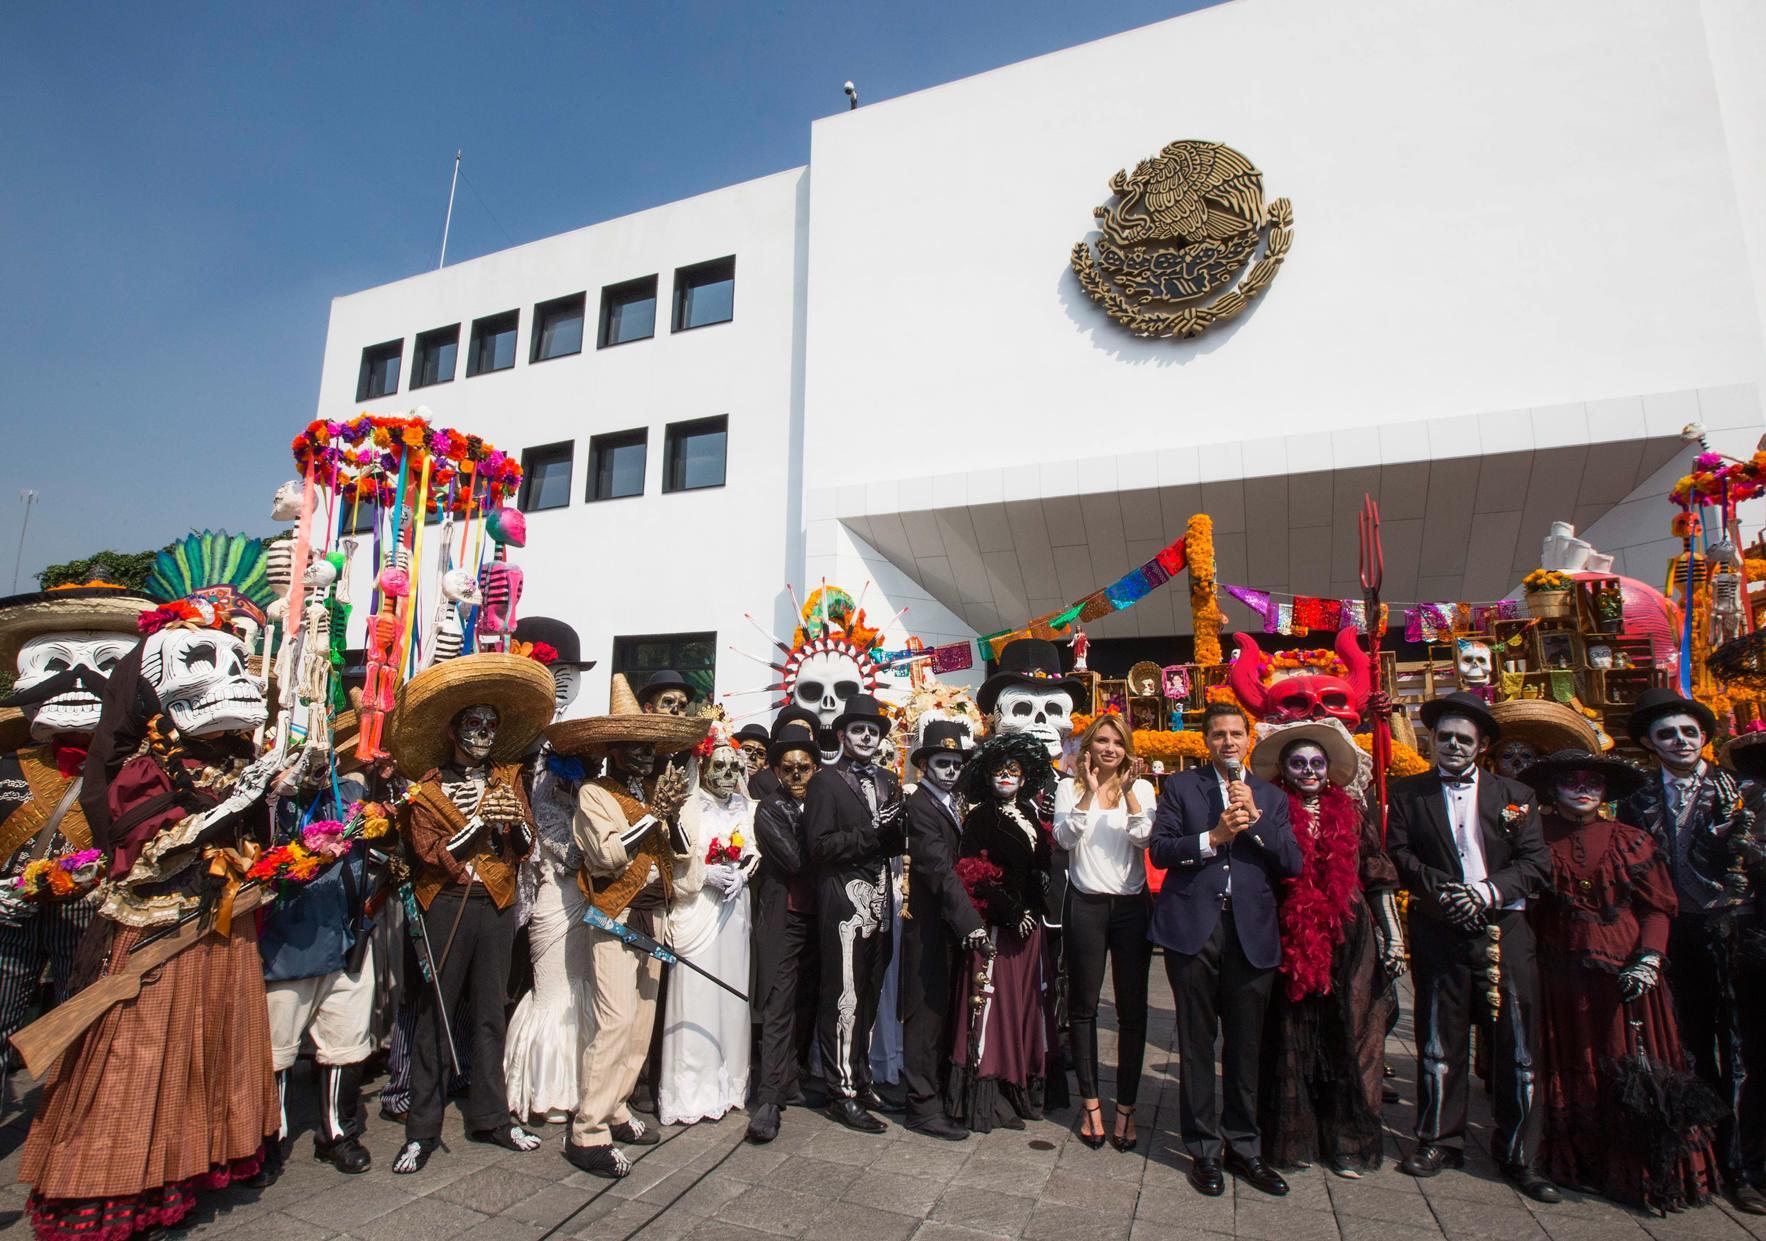 La celebración en México del Día de Muertos está reconocida por la UNESCO como Patrimonio Intangible de la Humanidad.